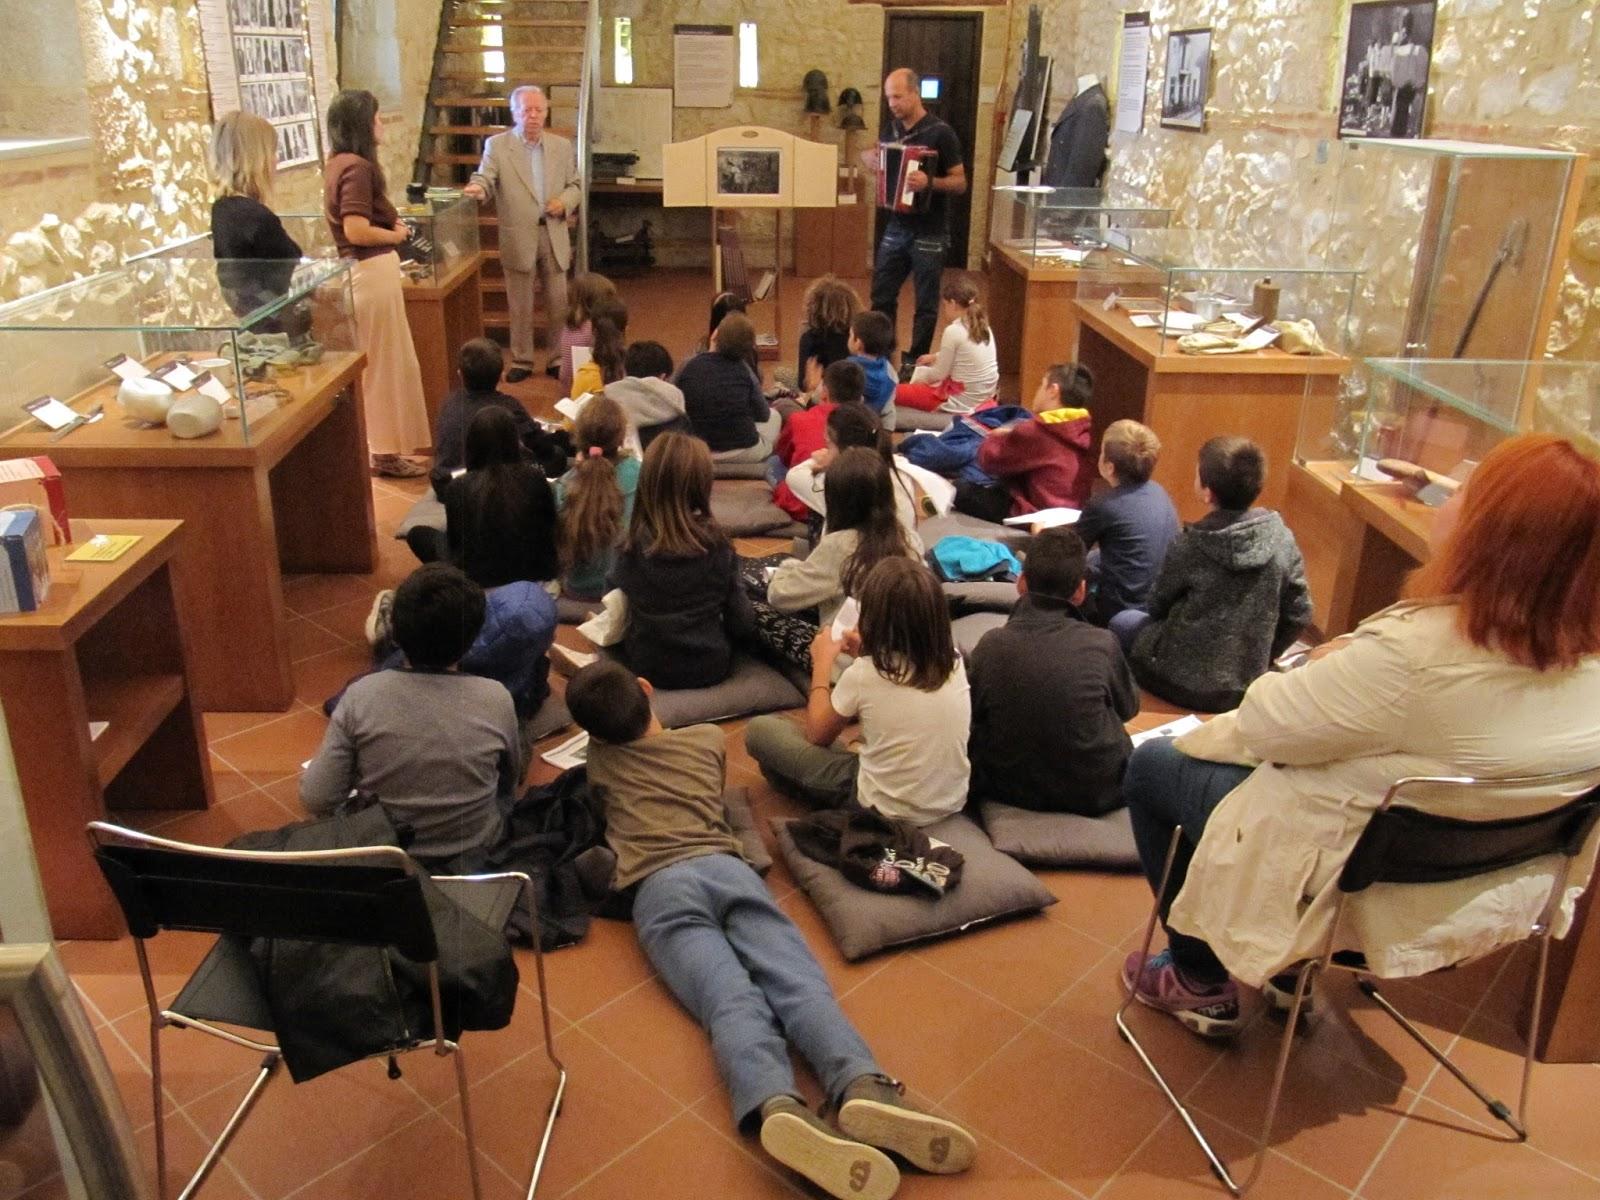 Επίσκεψη του 1ου Δημοτικού Σχολείου Λάρισας στο Μουσείο Εθνικής Αντίστασης Λάρισας